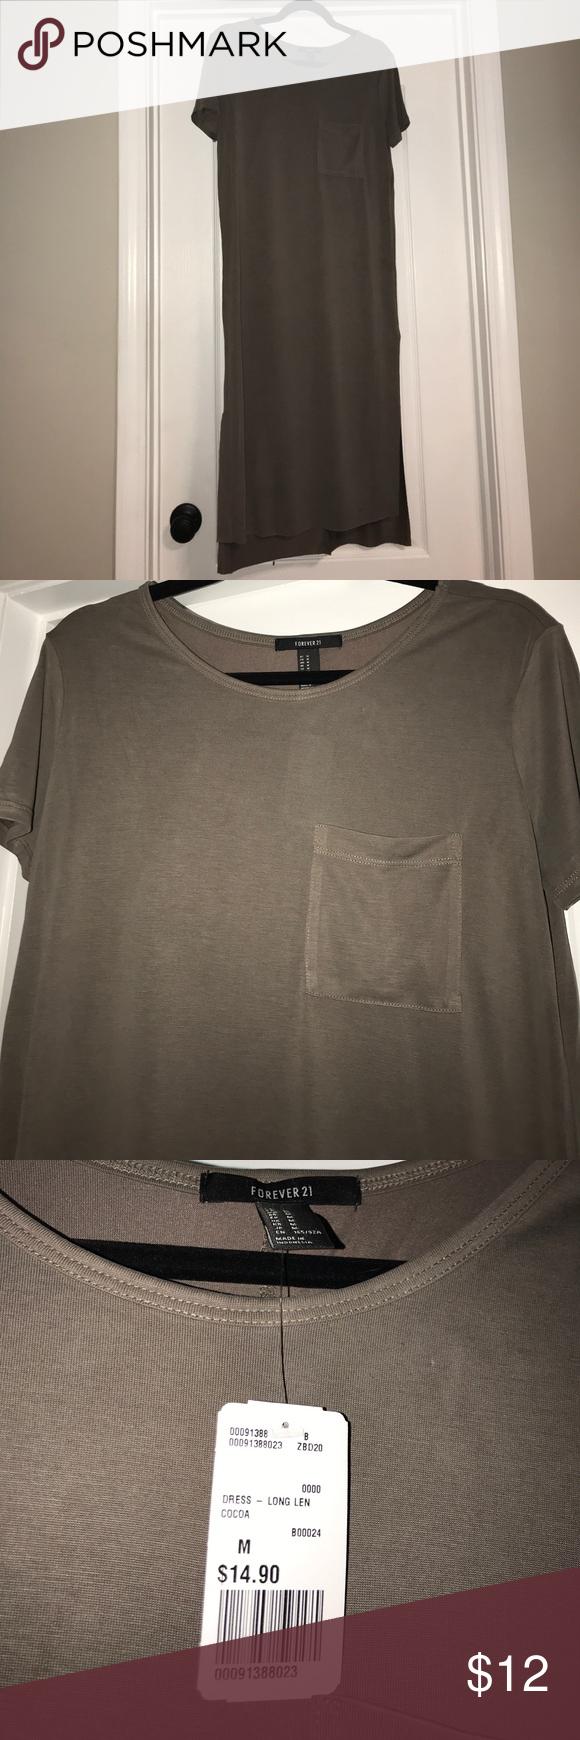 Brand new forever tshirt dress with pocket st dresses st